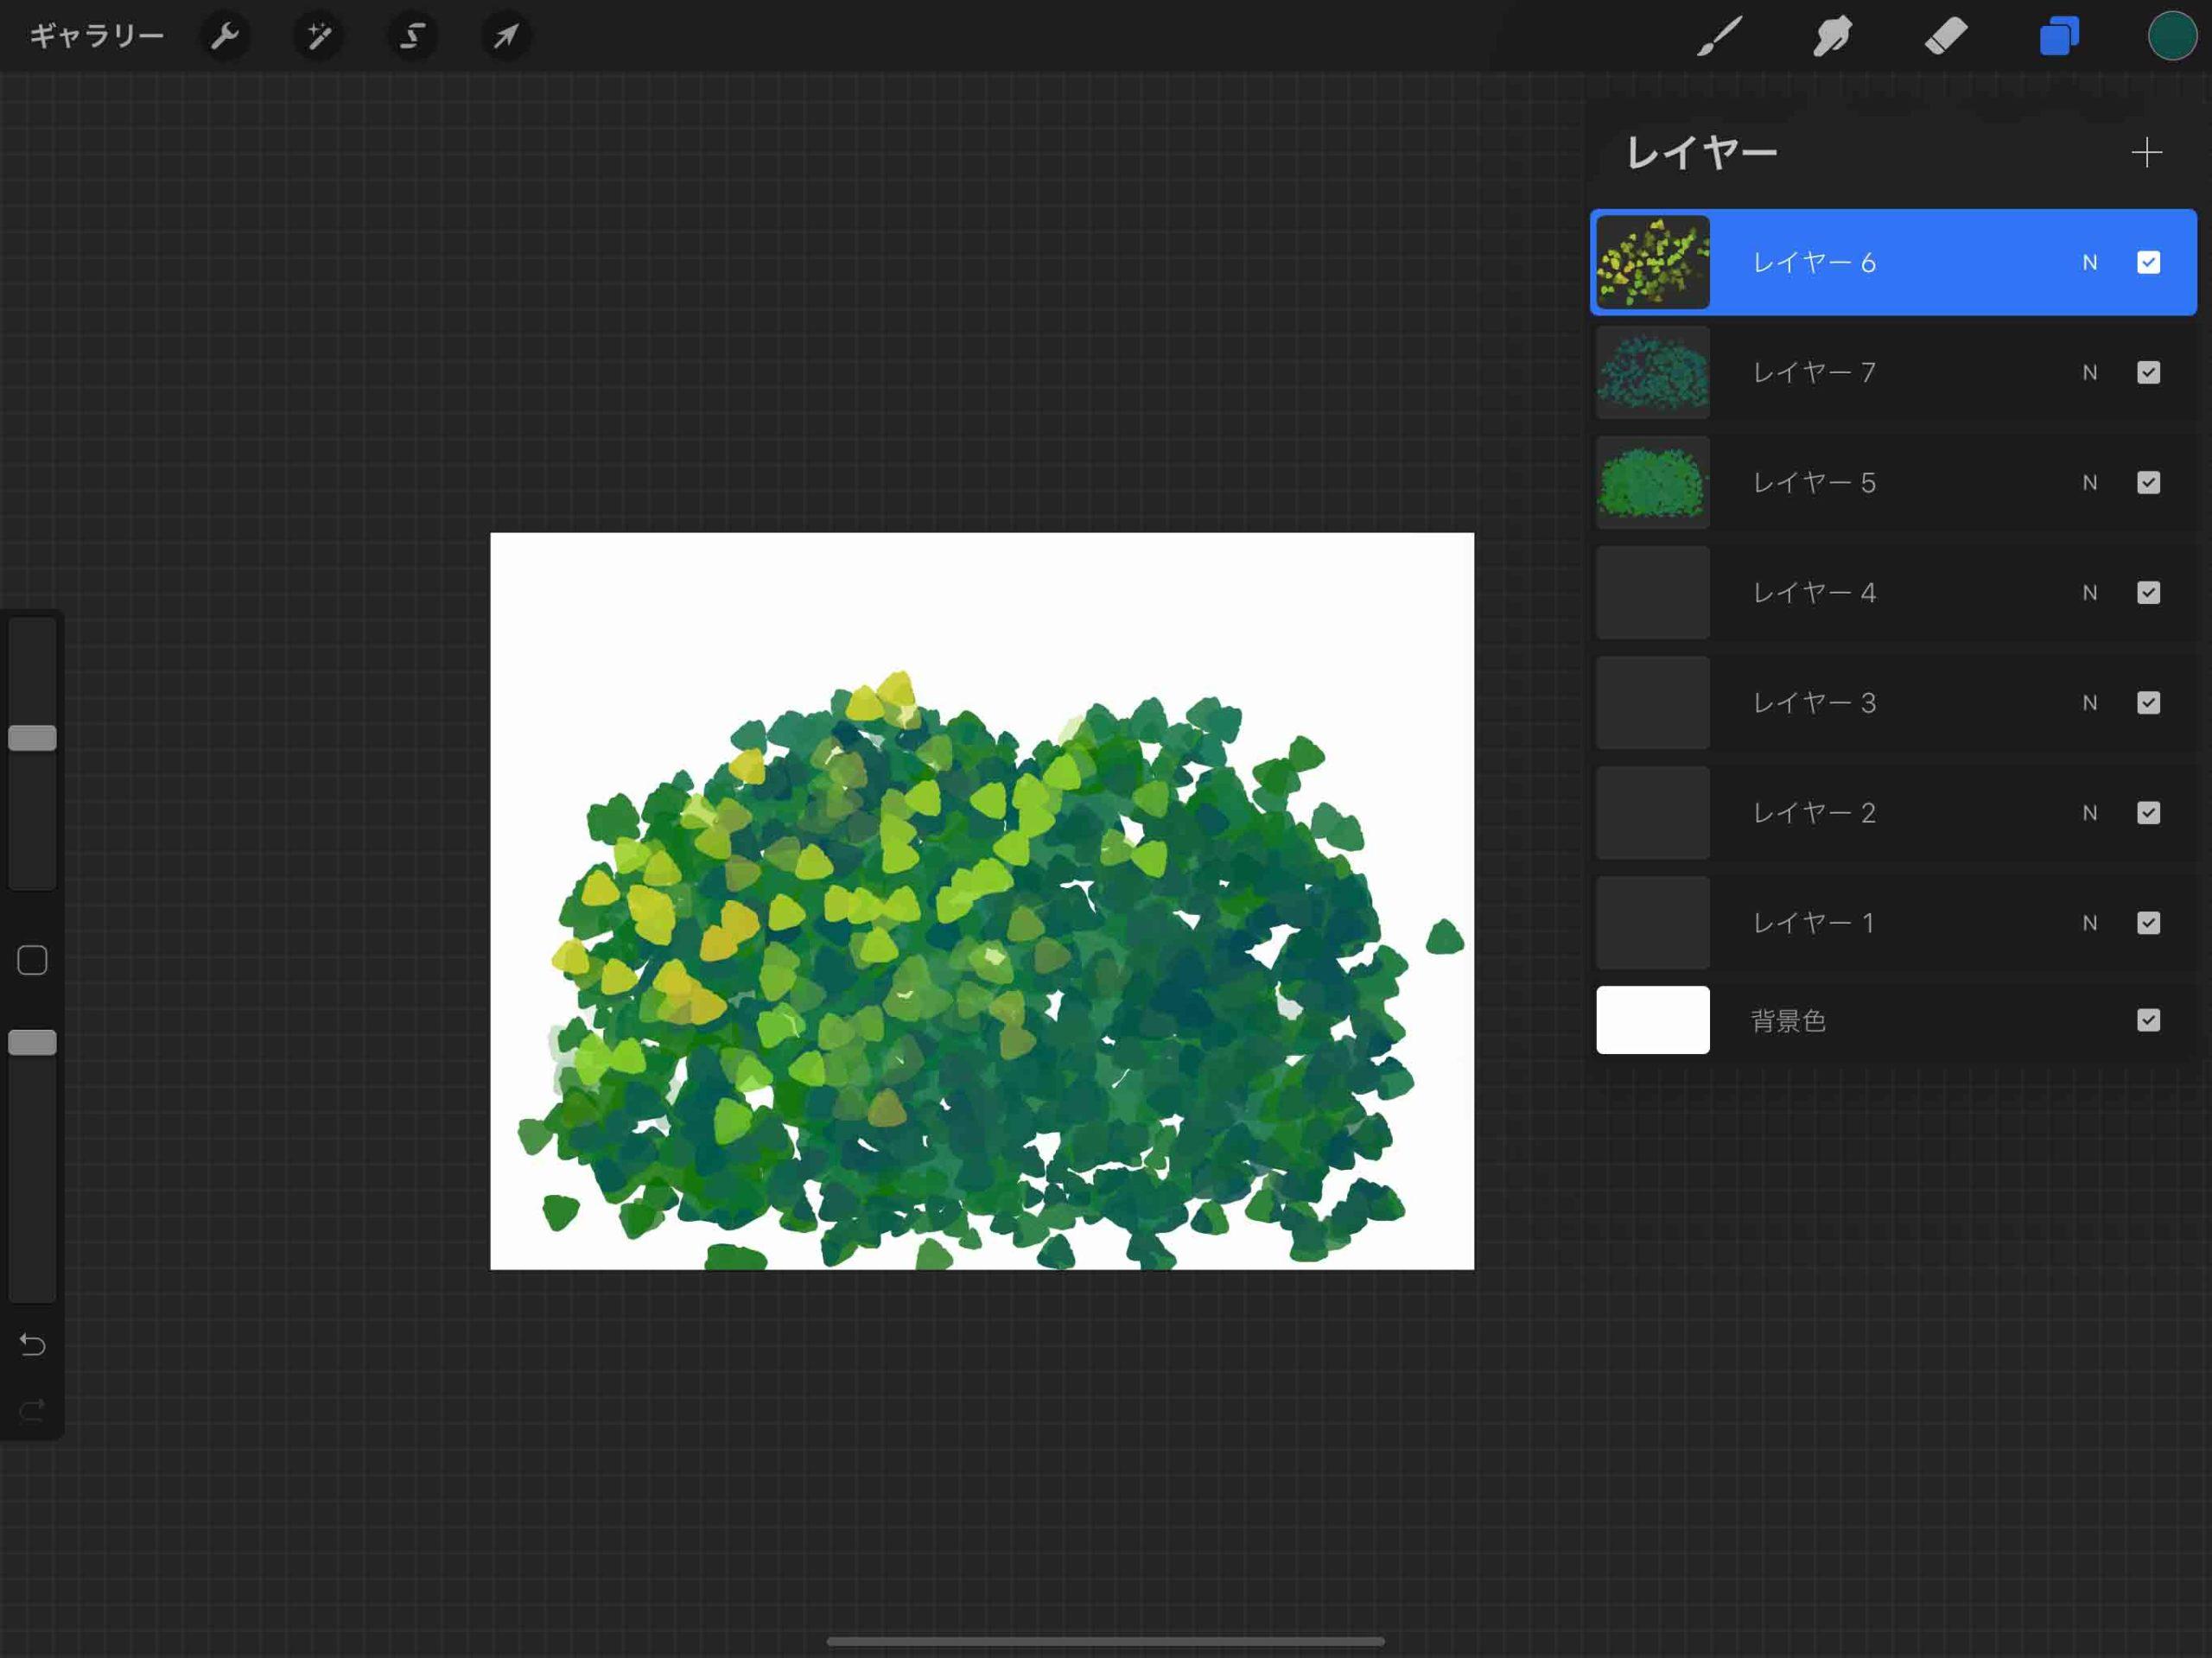 ⑫葉っぱを描画